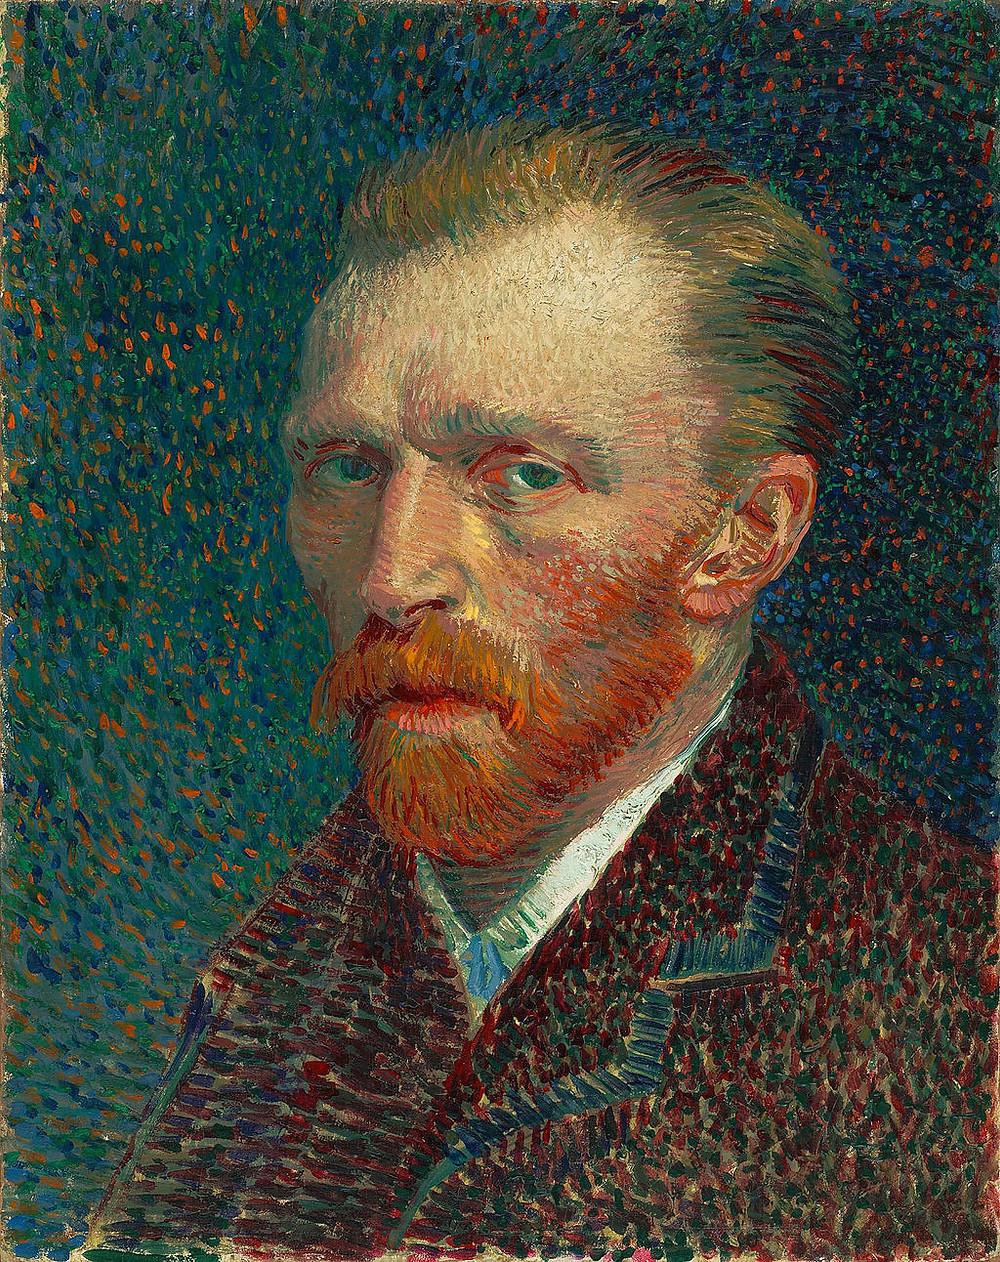 Self-Portrait by Vincent van Gogh (1887)